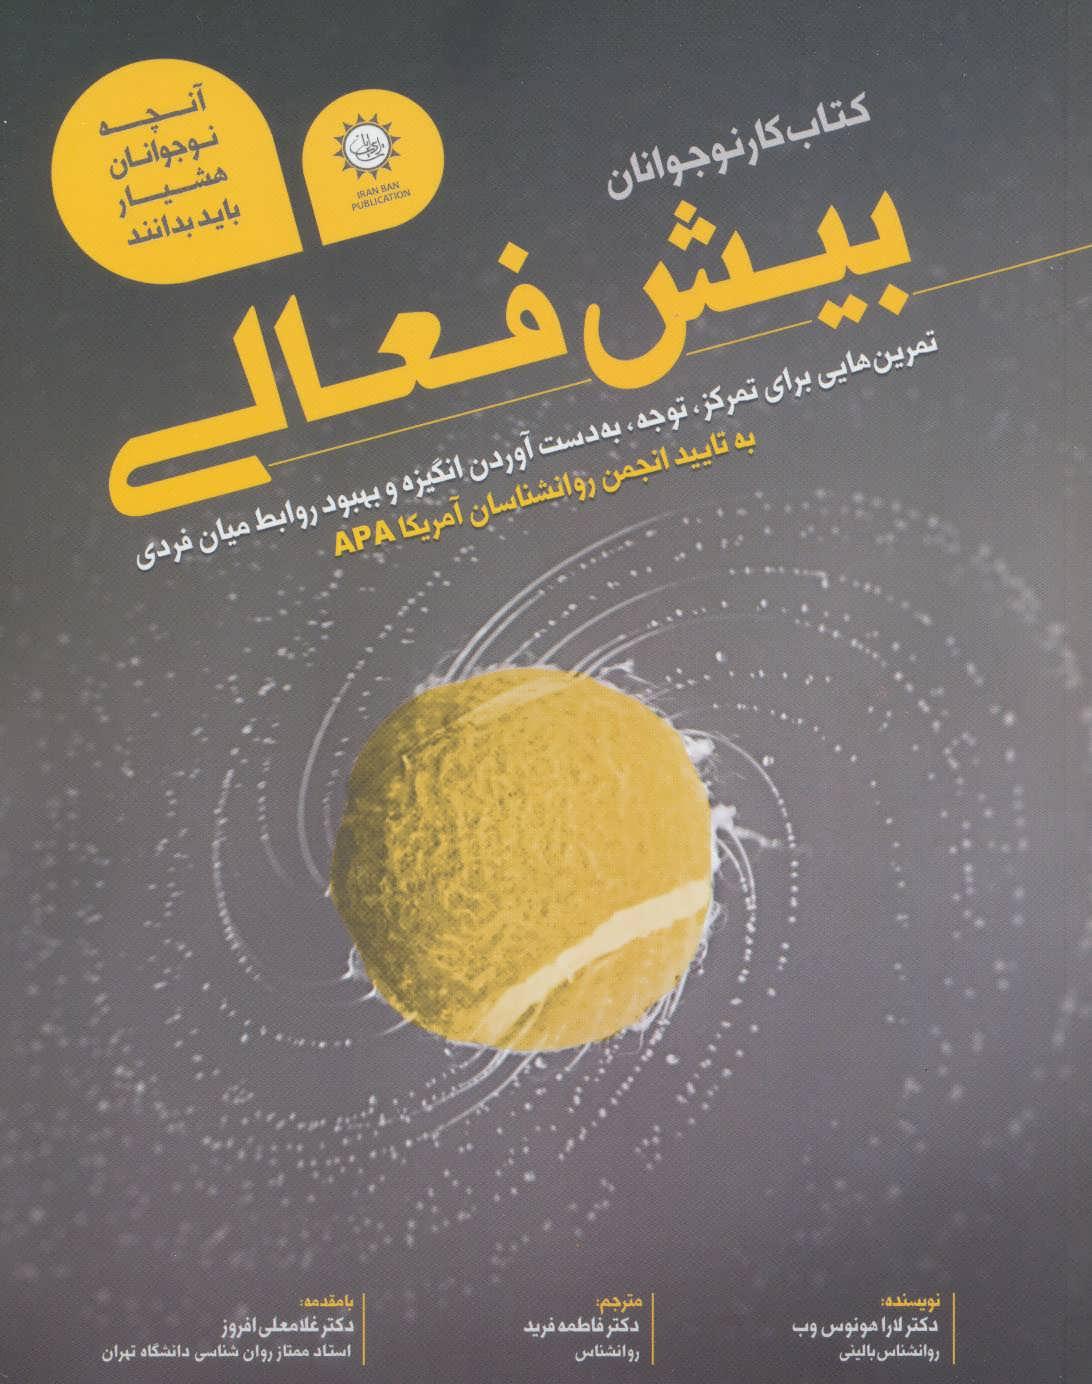 كتاب كار نوجوانان بيش فعالي (تمرين هايي براي تمركز،توجه،به دست آوردن انگيزه و بهبود روابط ميان فردي)